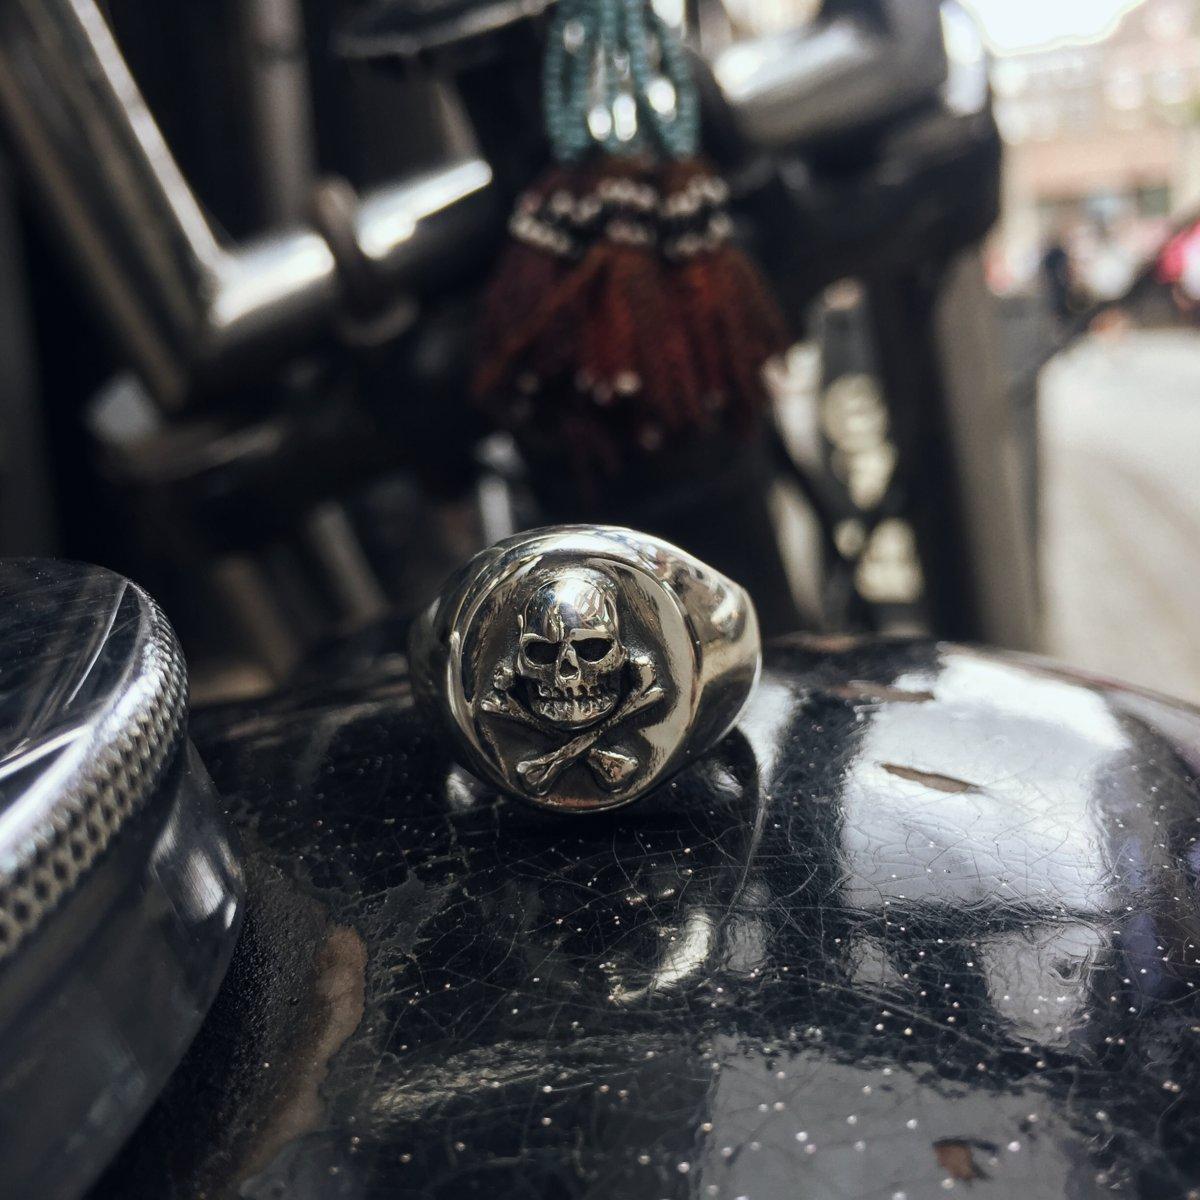 NEW: All Silver Skull & Crossbones Signet Ring